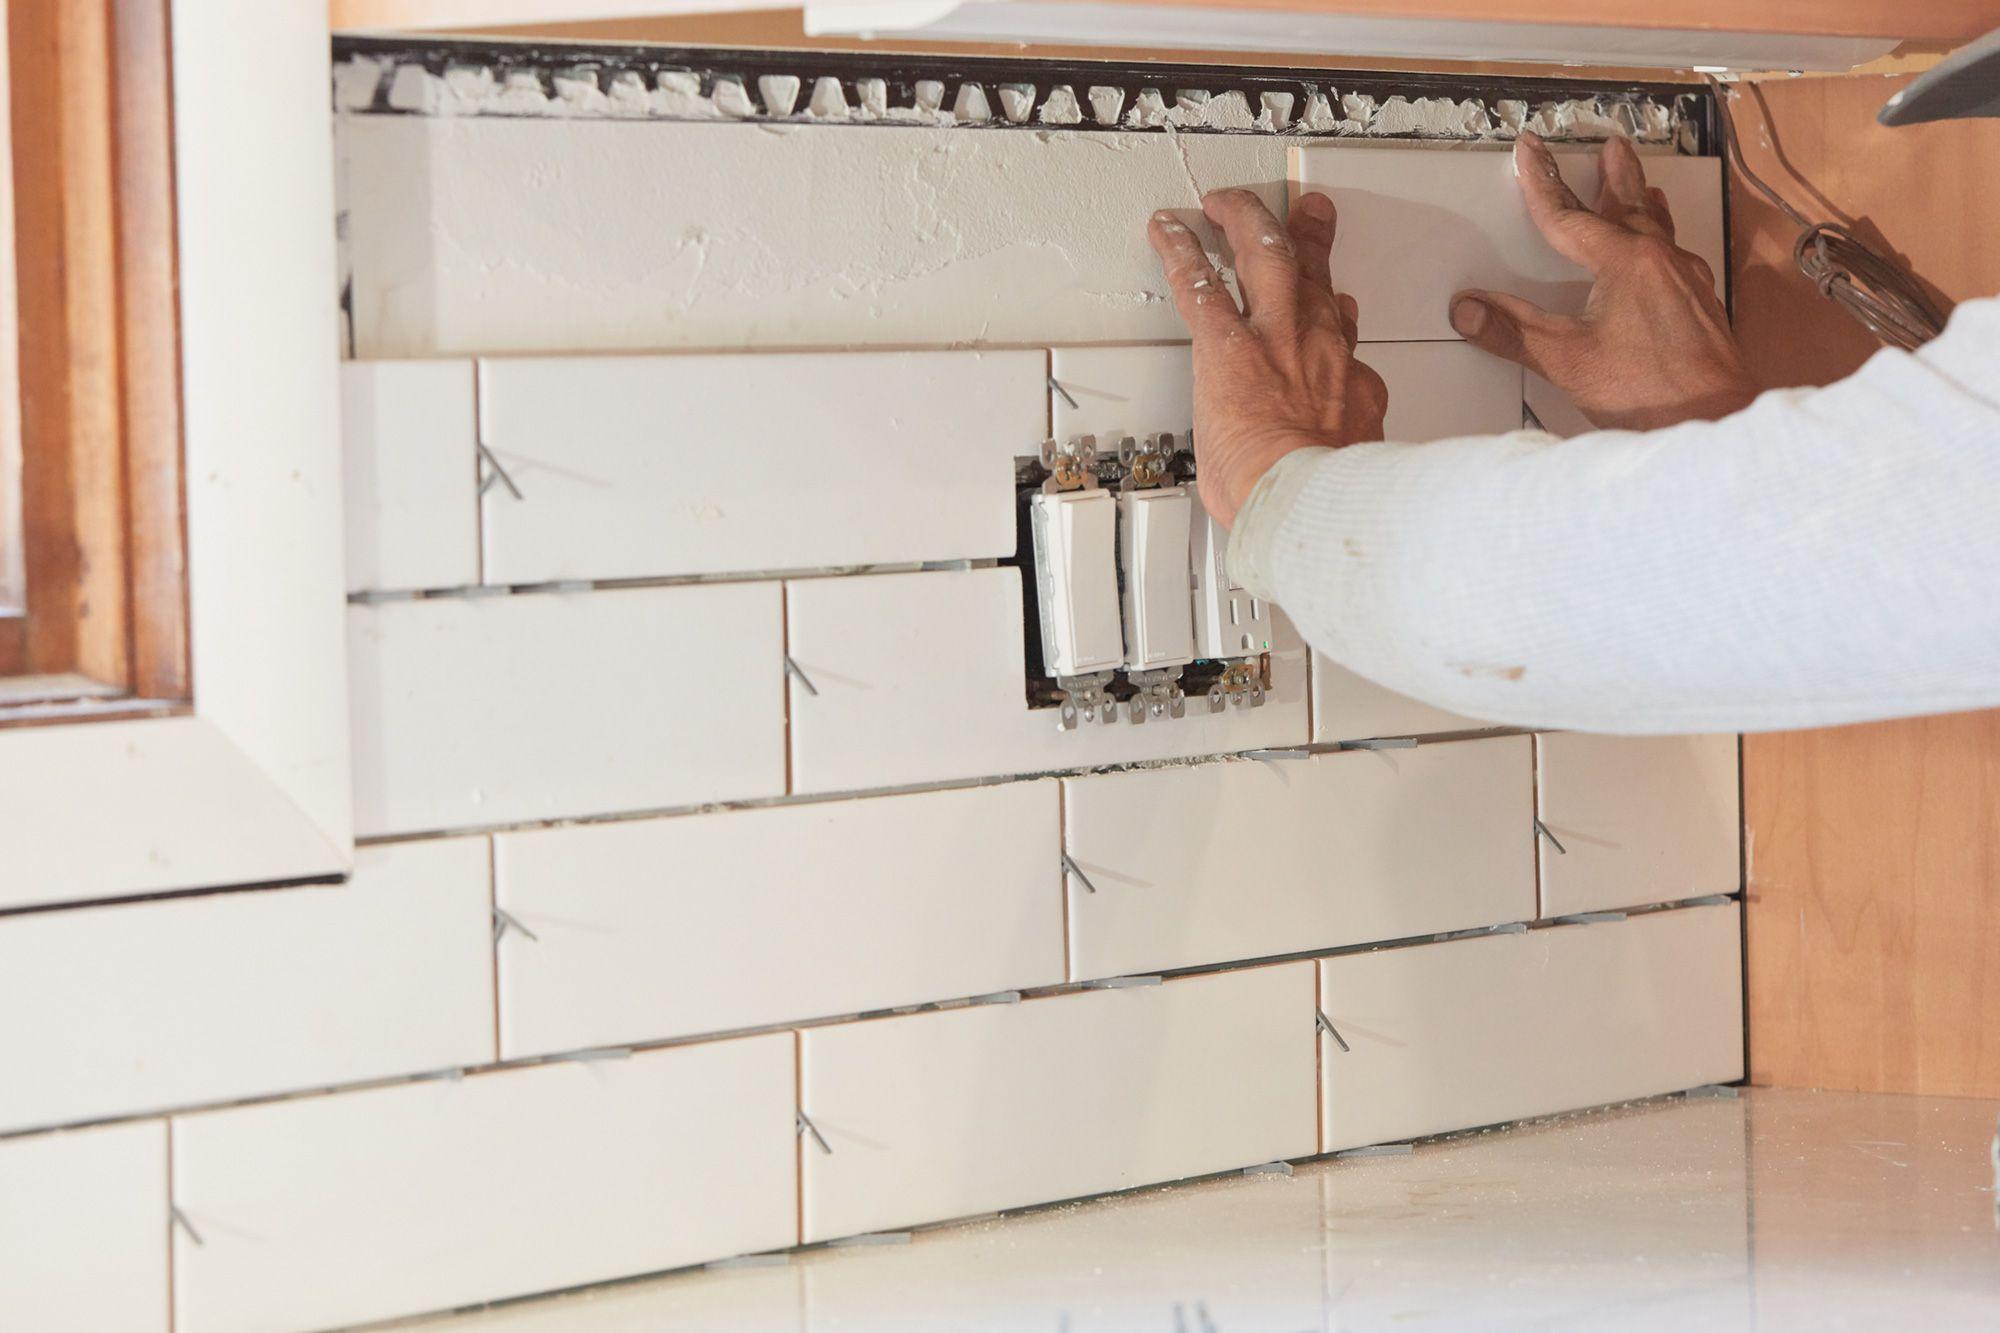 Basic Steps of Kitchen Remodeling